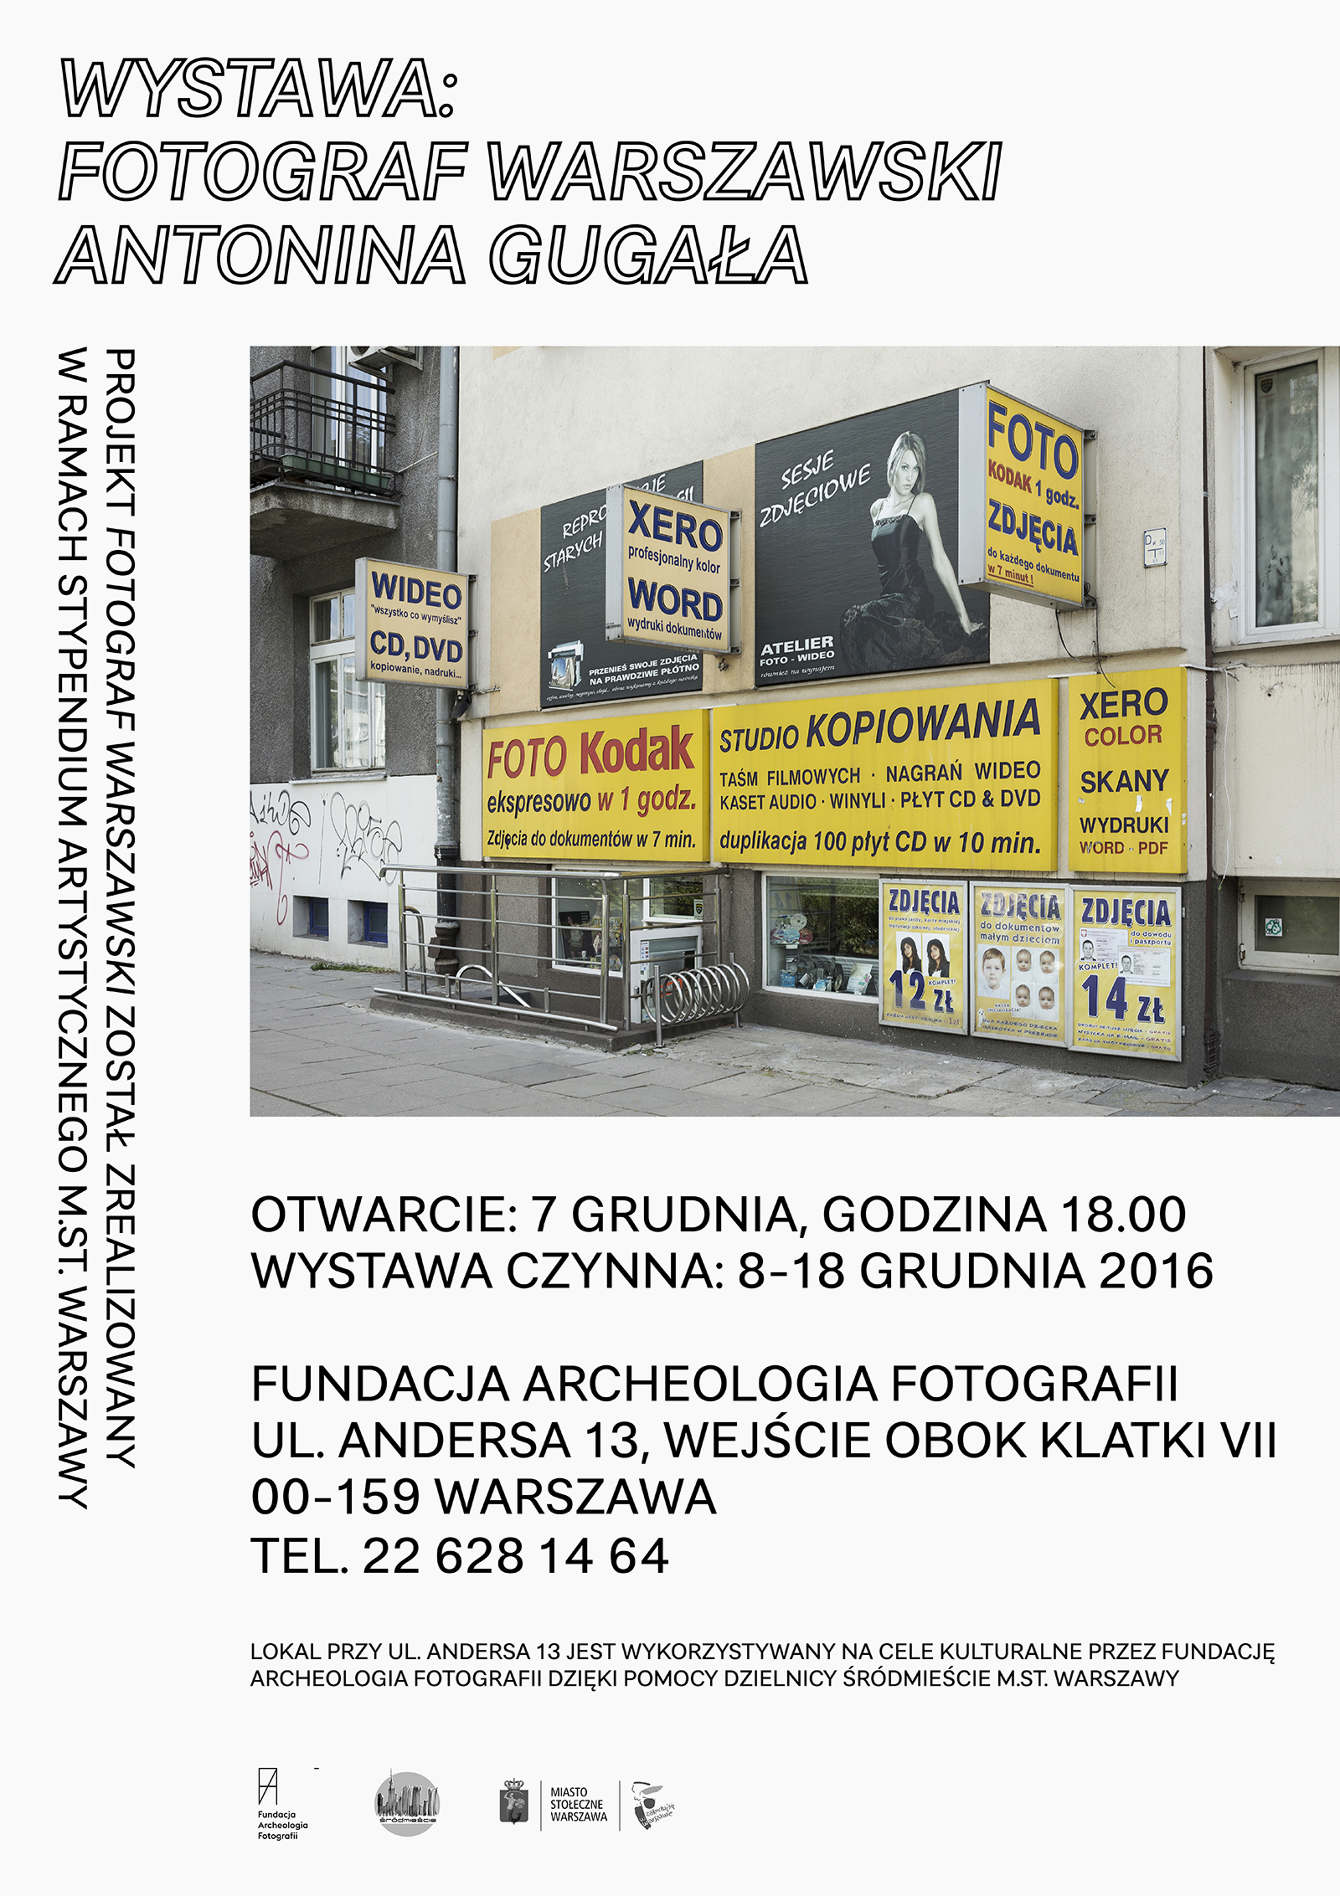 Warsaw Photographer Exhibition Martyna Wyrzykowska